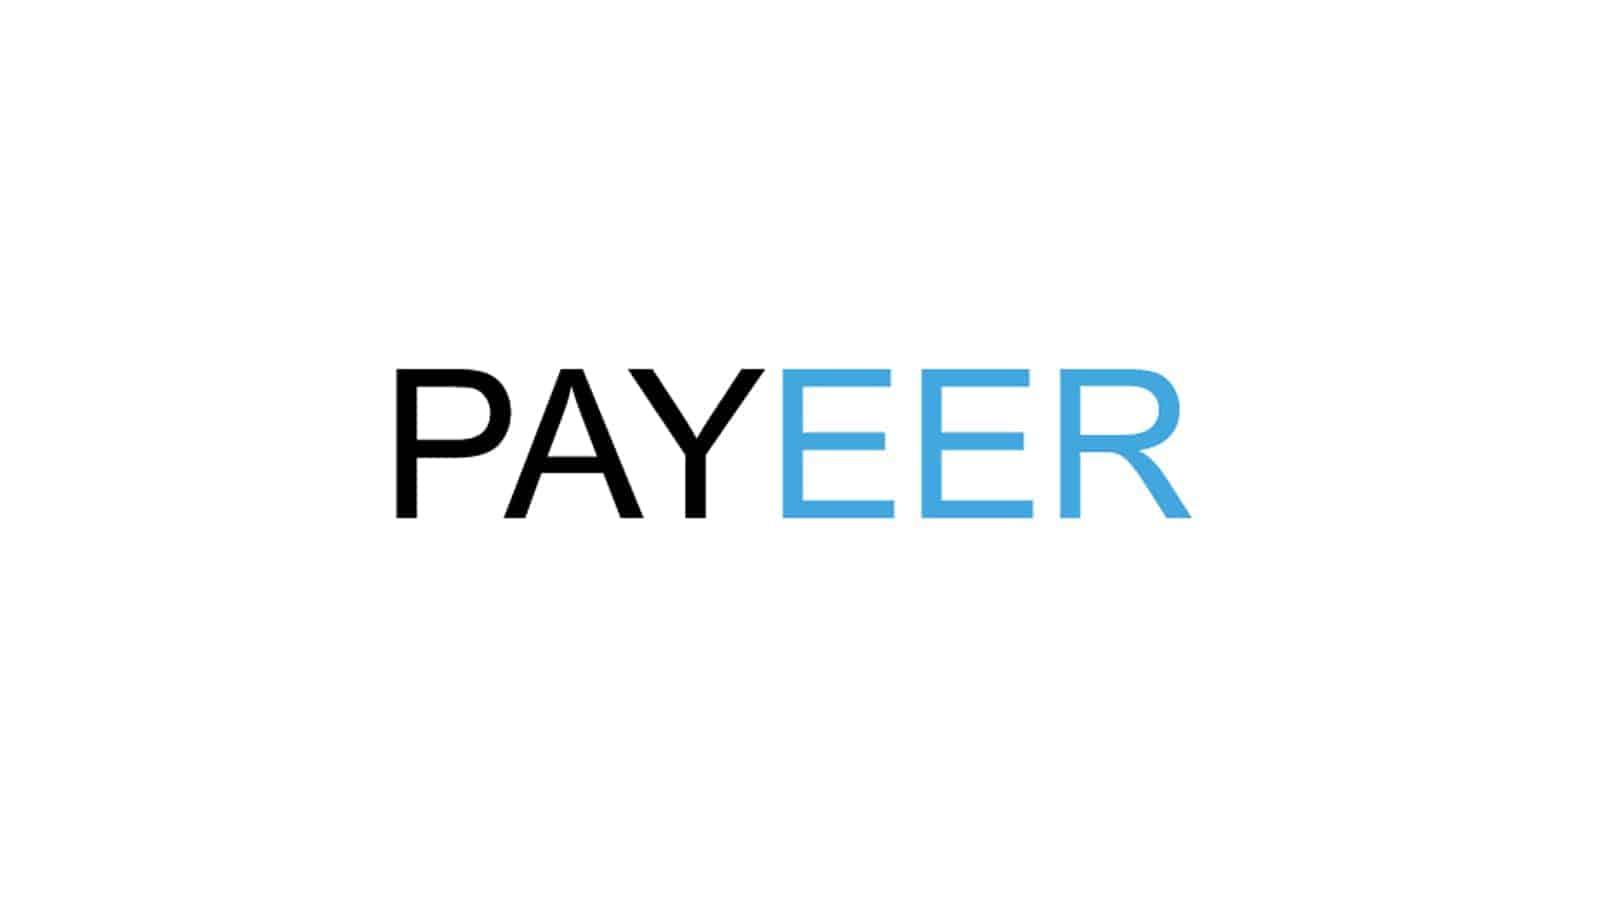 Payeer بايير لارسال و استقبال الاموال وتبادل العملات